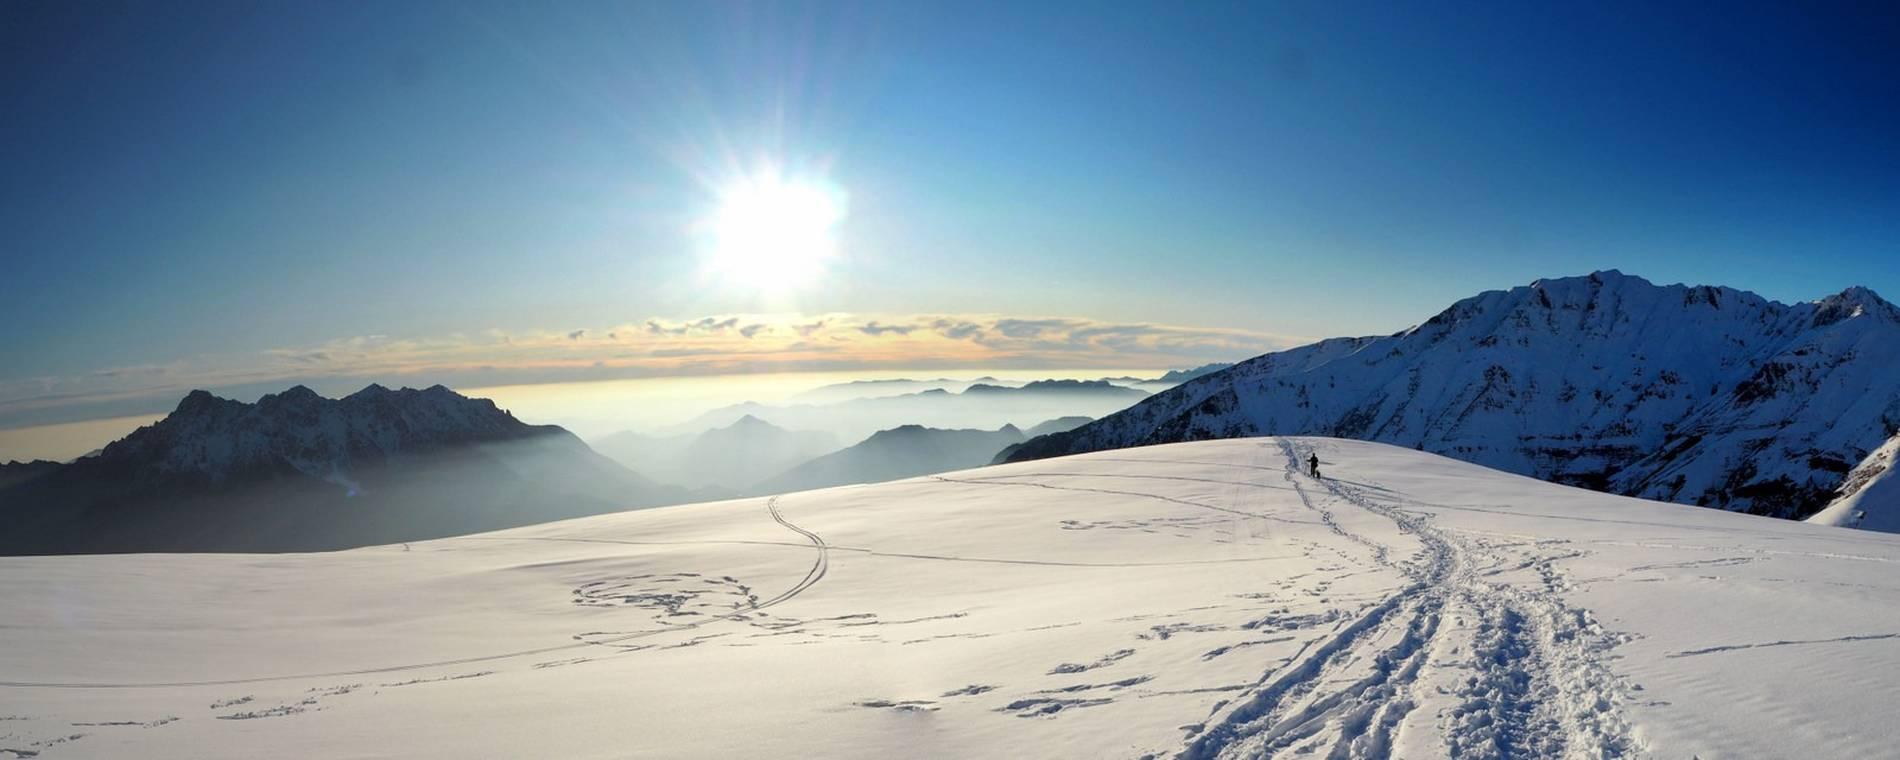 Sant'Ambrogio, il debutto dell'inverno